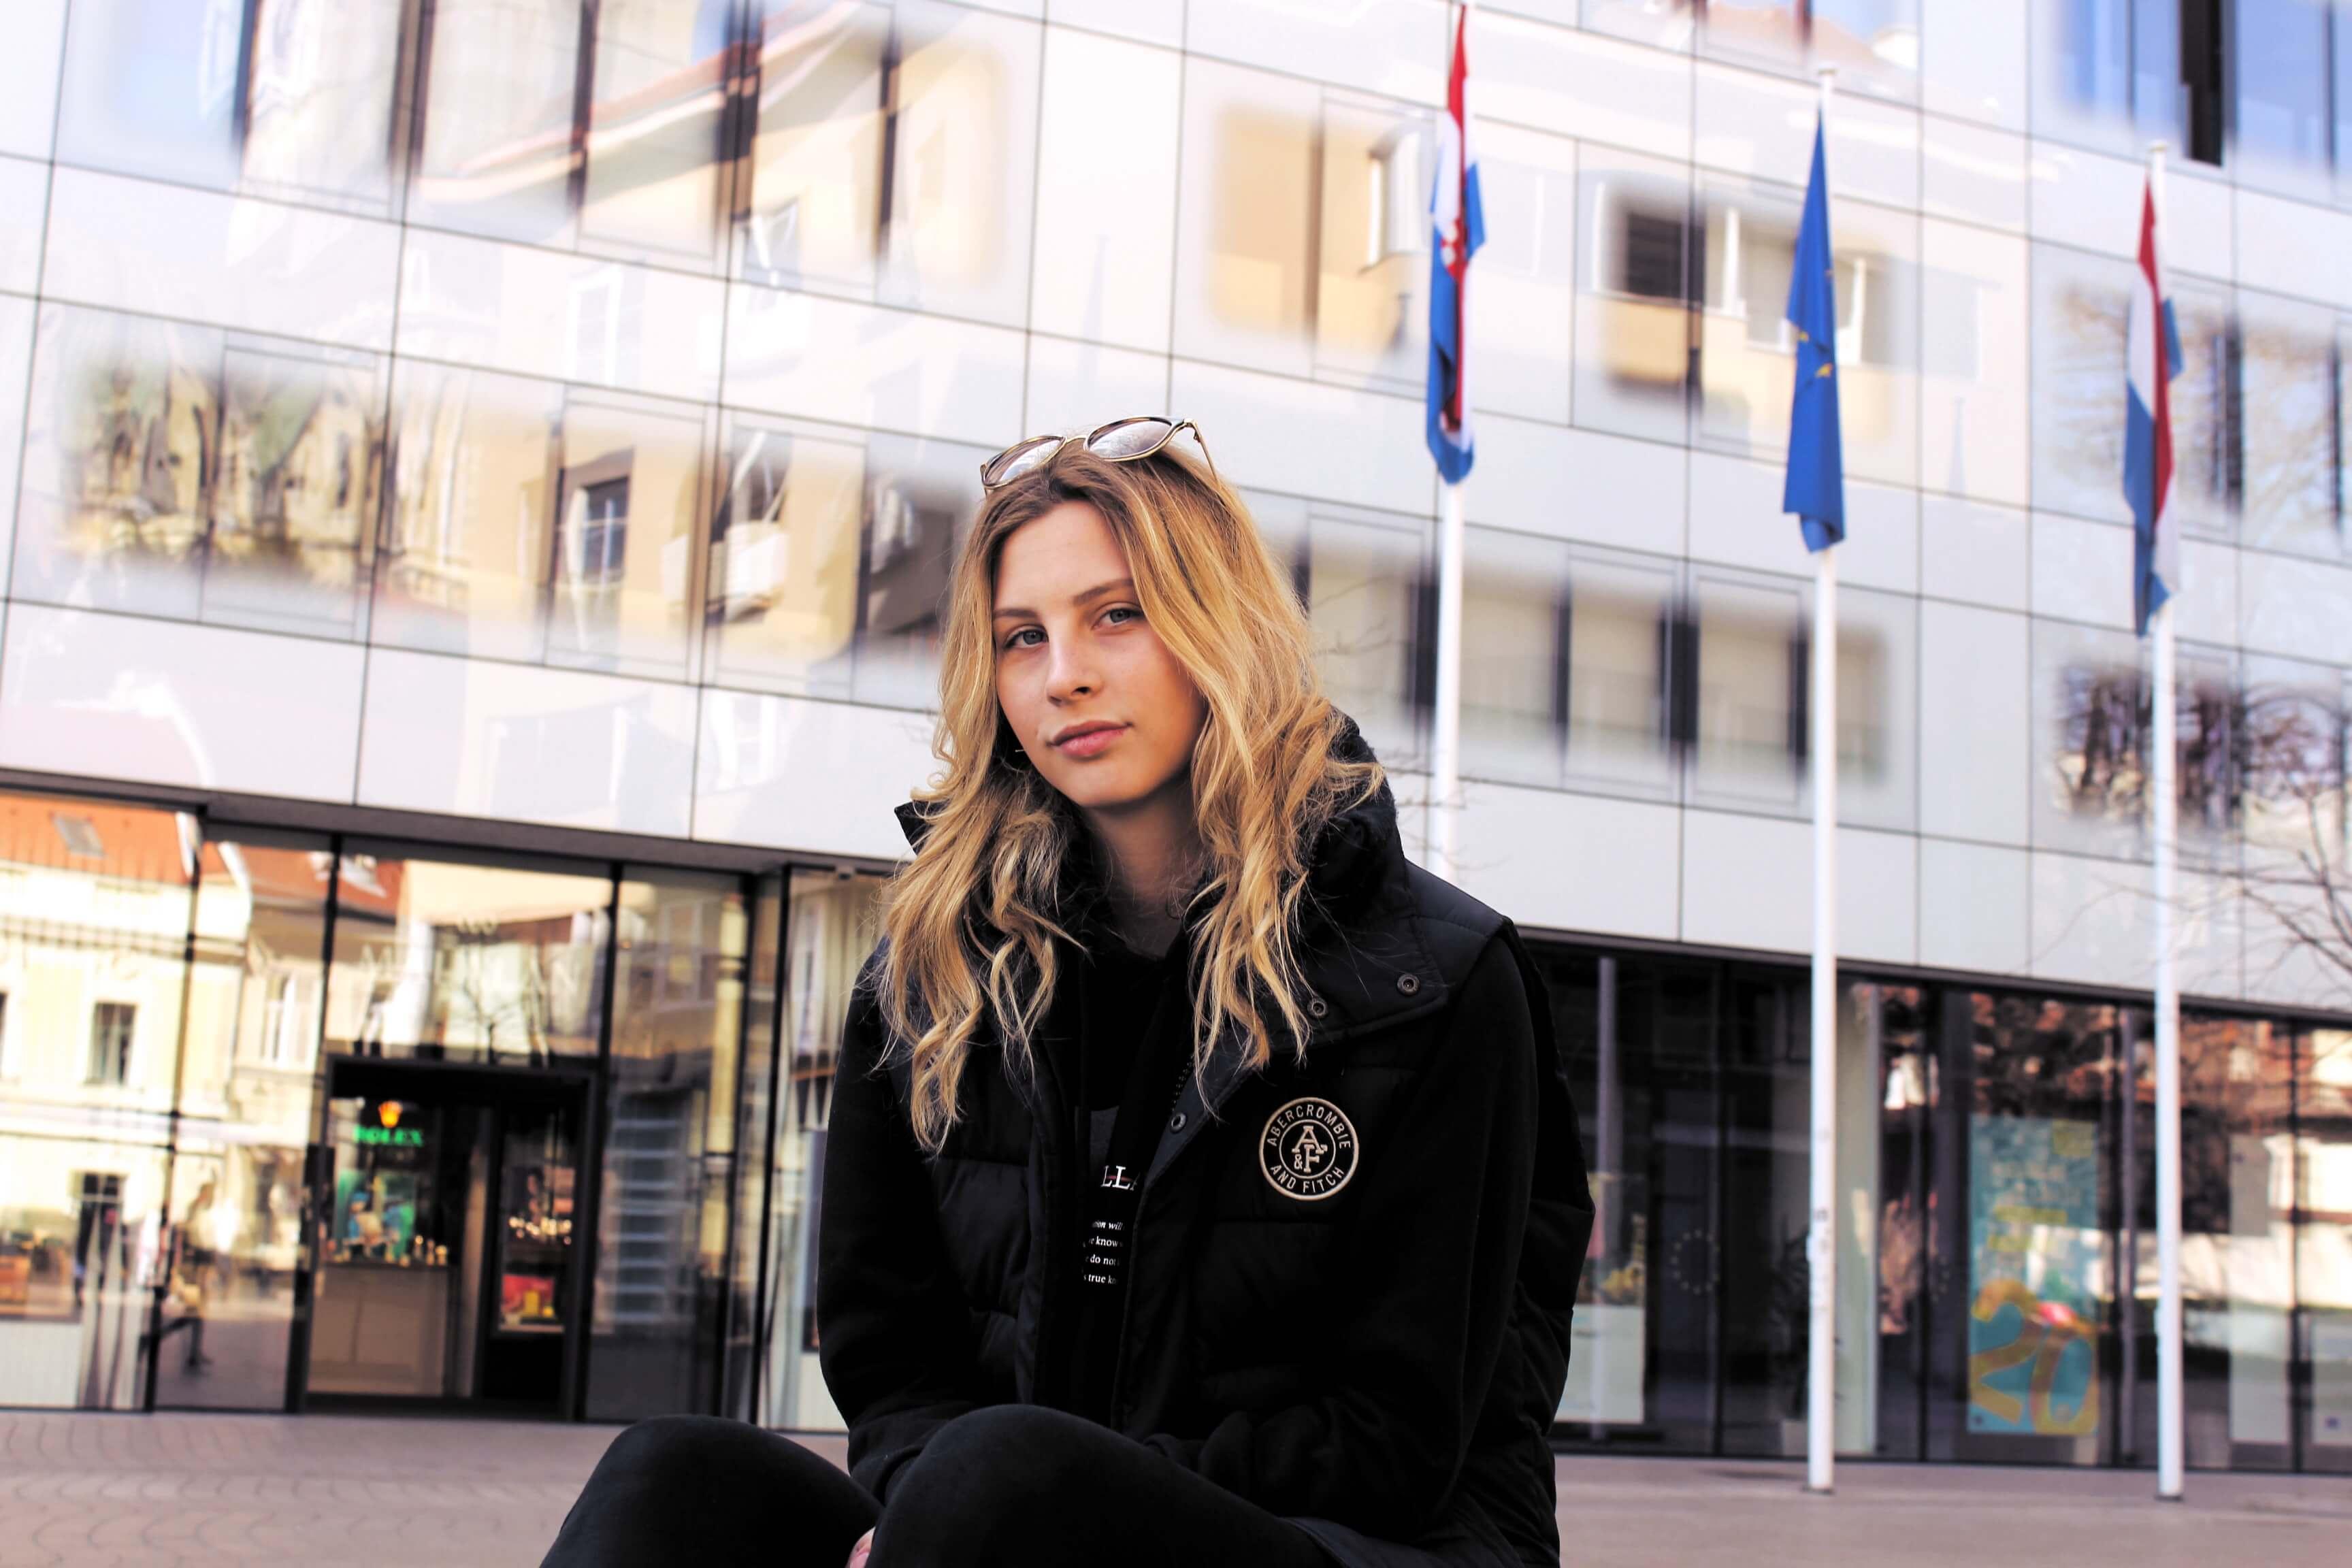 'Ja sam Laura, imam 17 godina i u petak organiziram prosvjed učenika za klimu u Zagrebu'